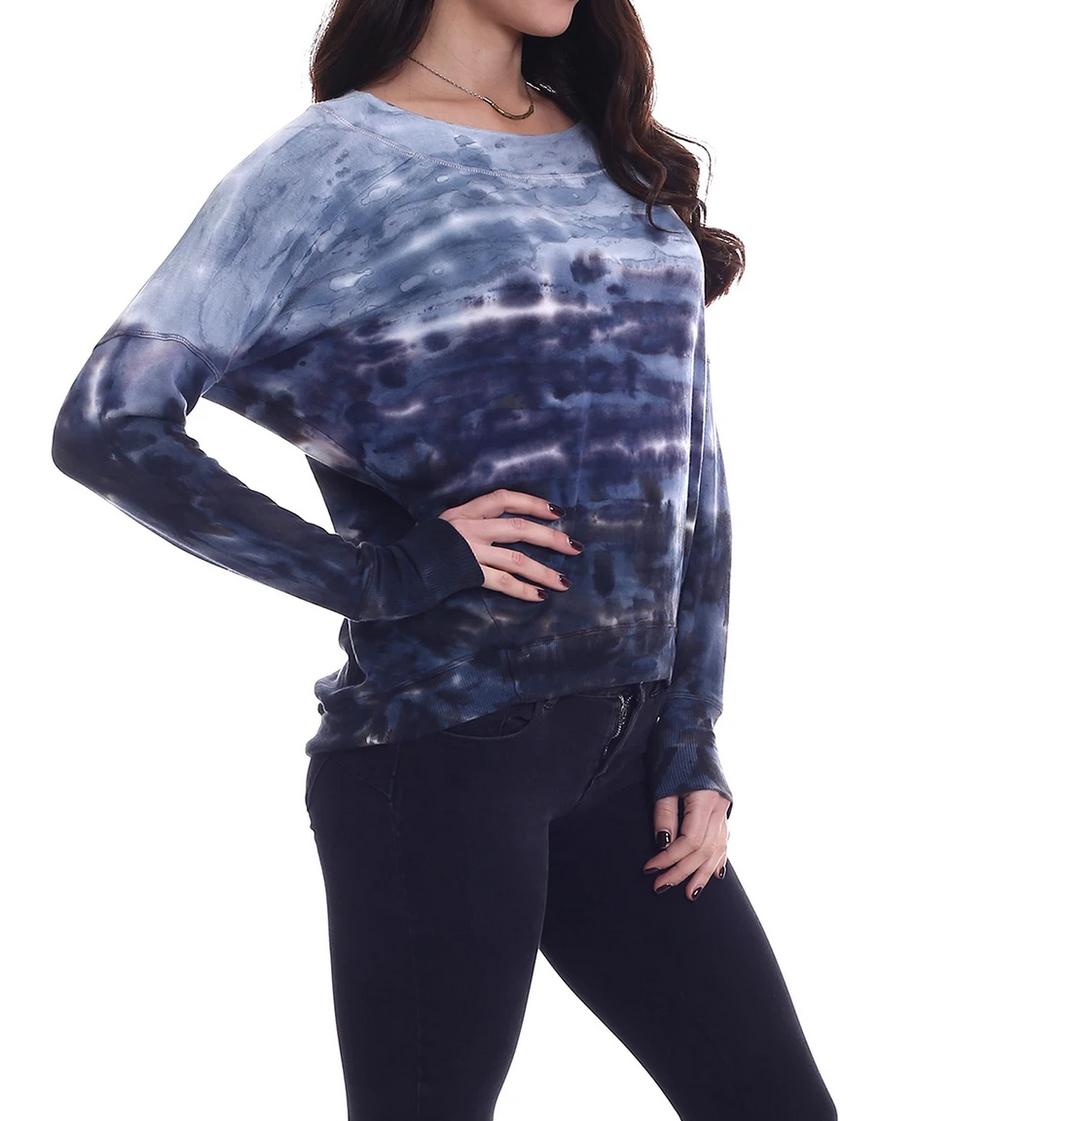 River + Sky London Sweatshirt - Meteorite